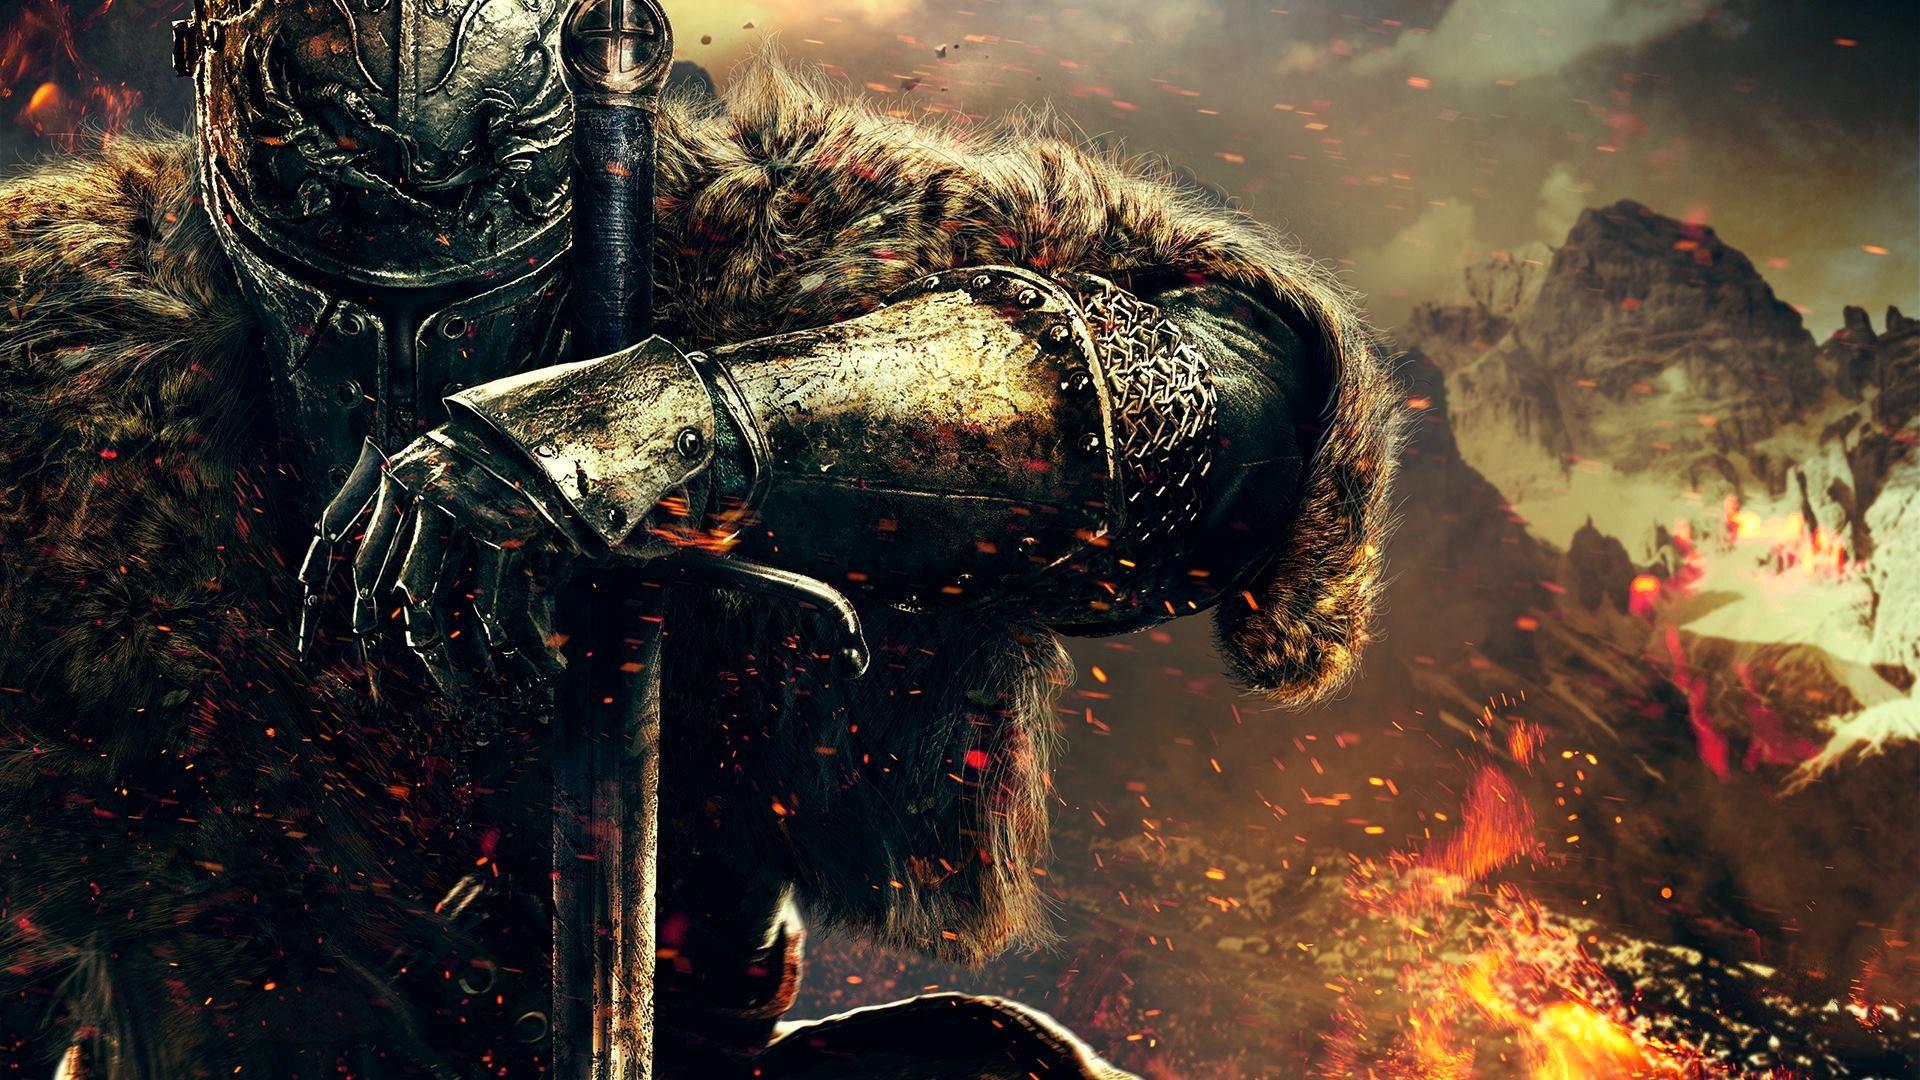 ВSteam началась распродажа игр отBandai Namco. Насерии Dark Souls,  Project CARS идругие игры действуют скидки до85%